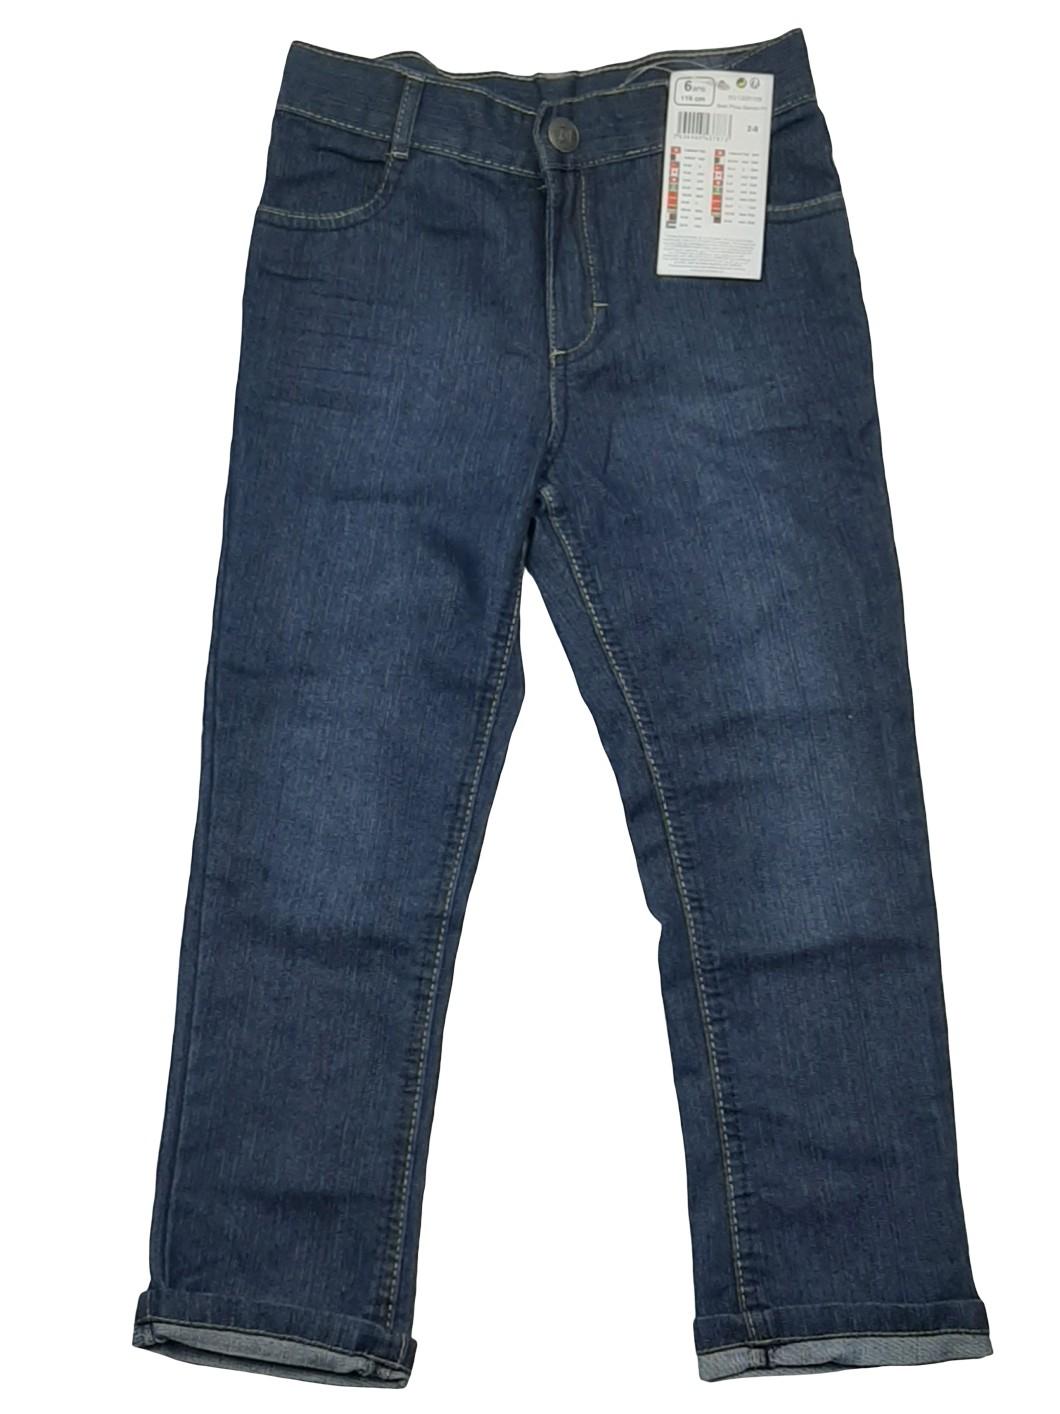 Pantalon jean bleu 1